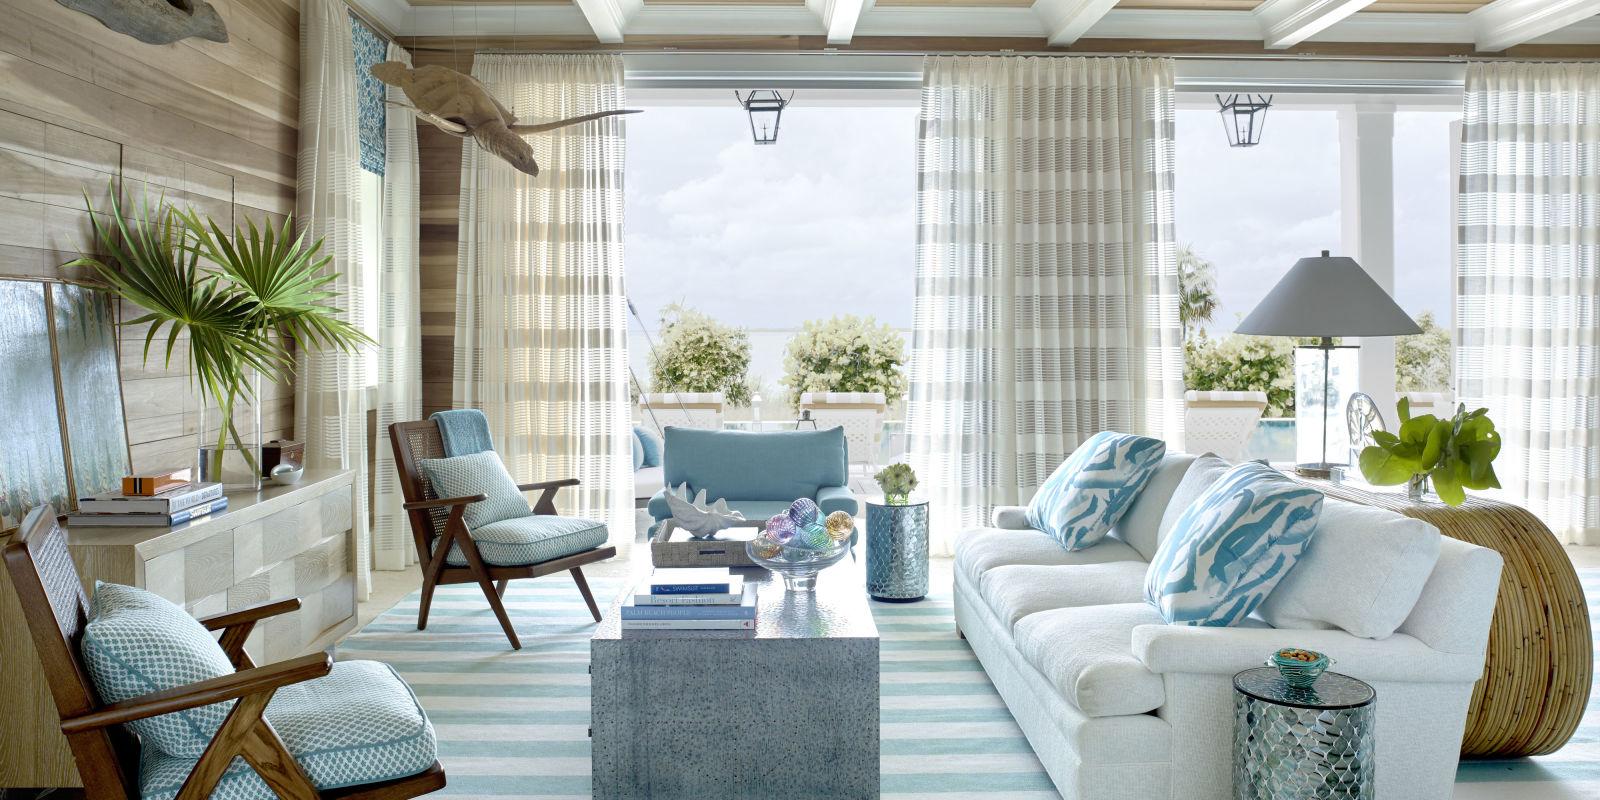 Marshall Watson marshall watson and kate reid - turquoise home decor